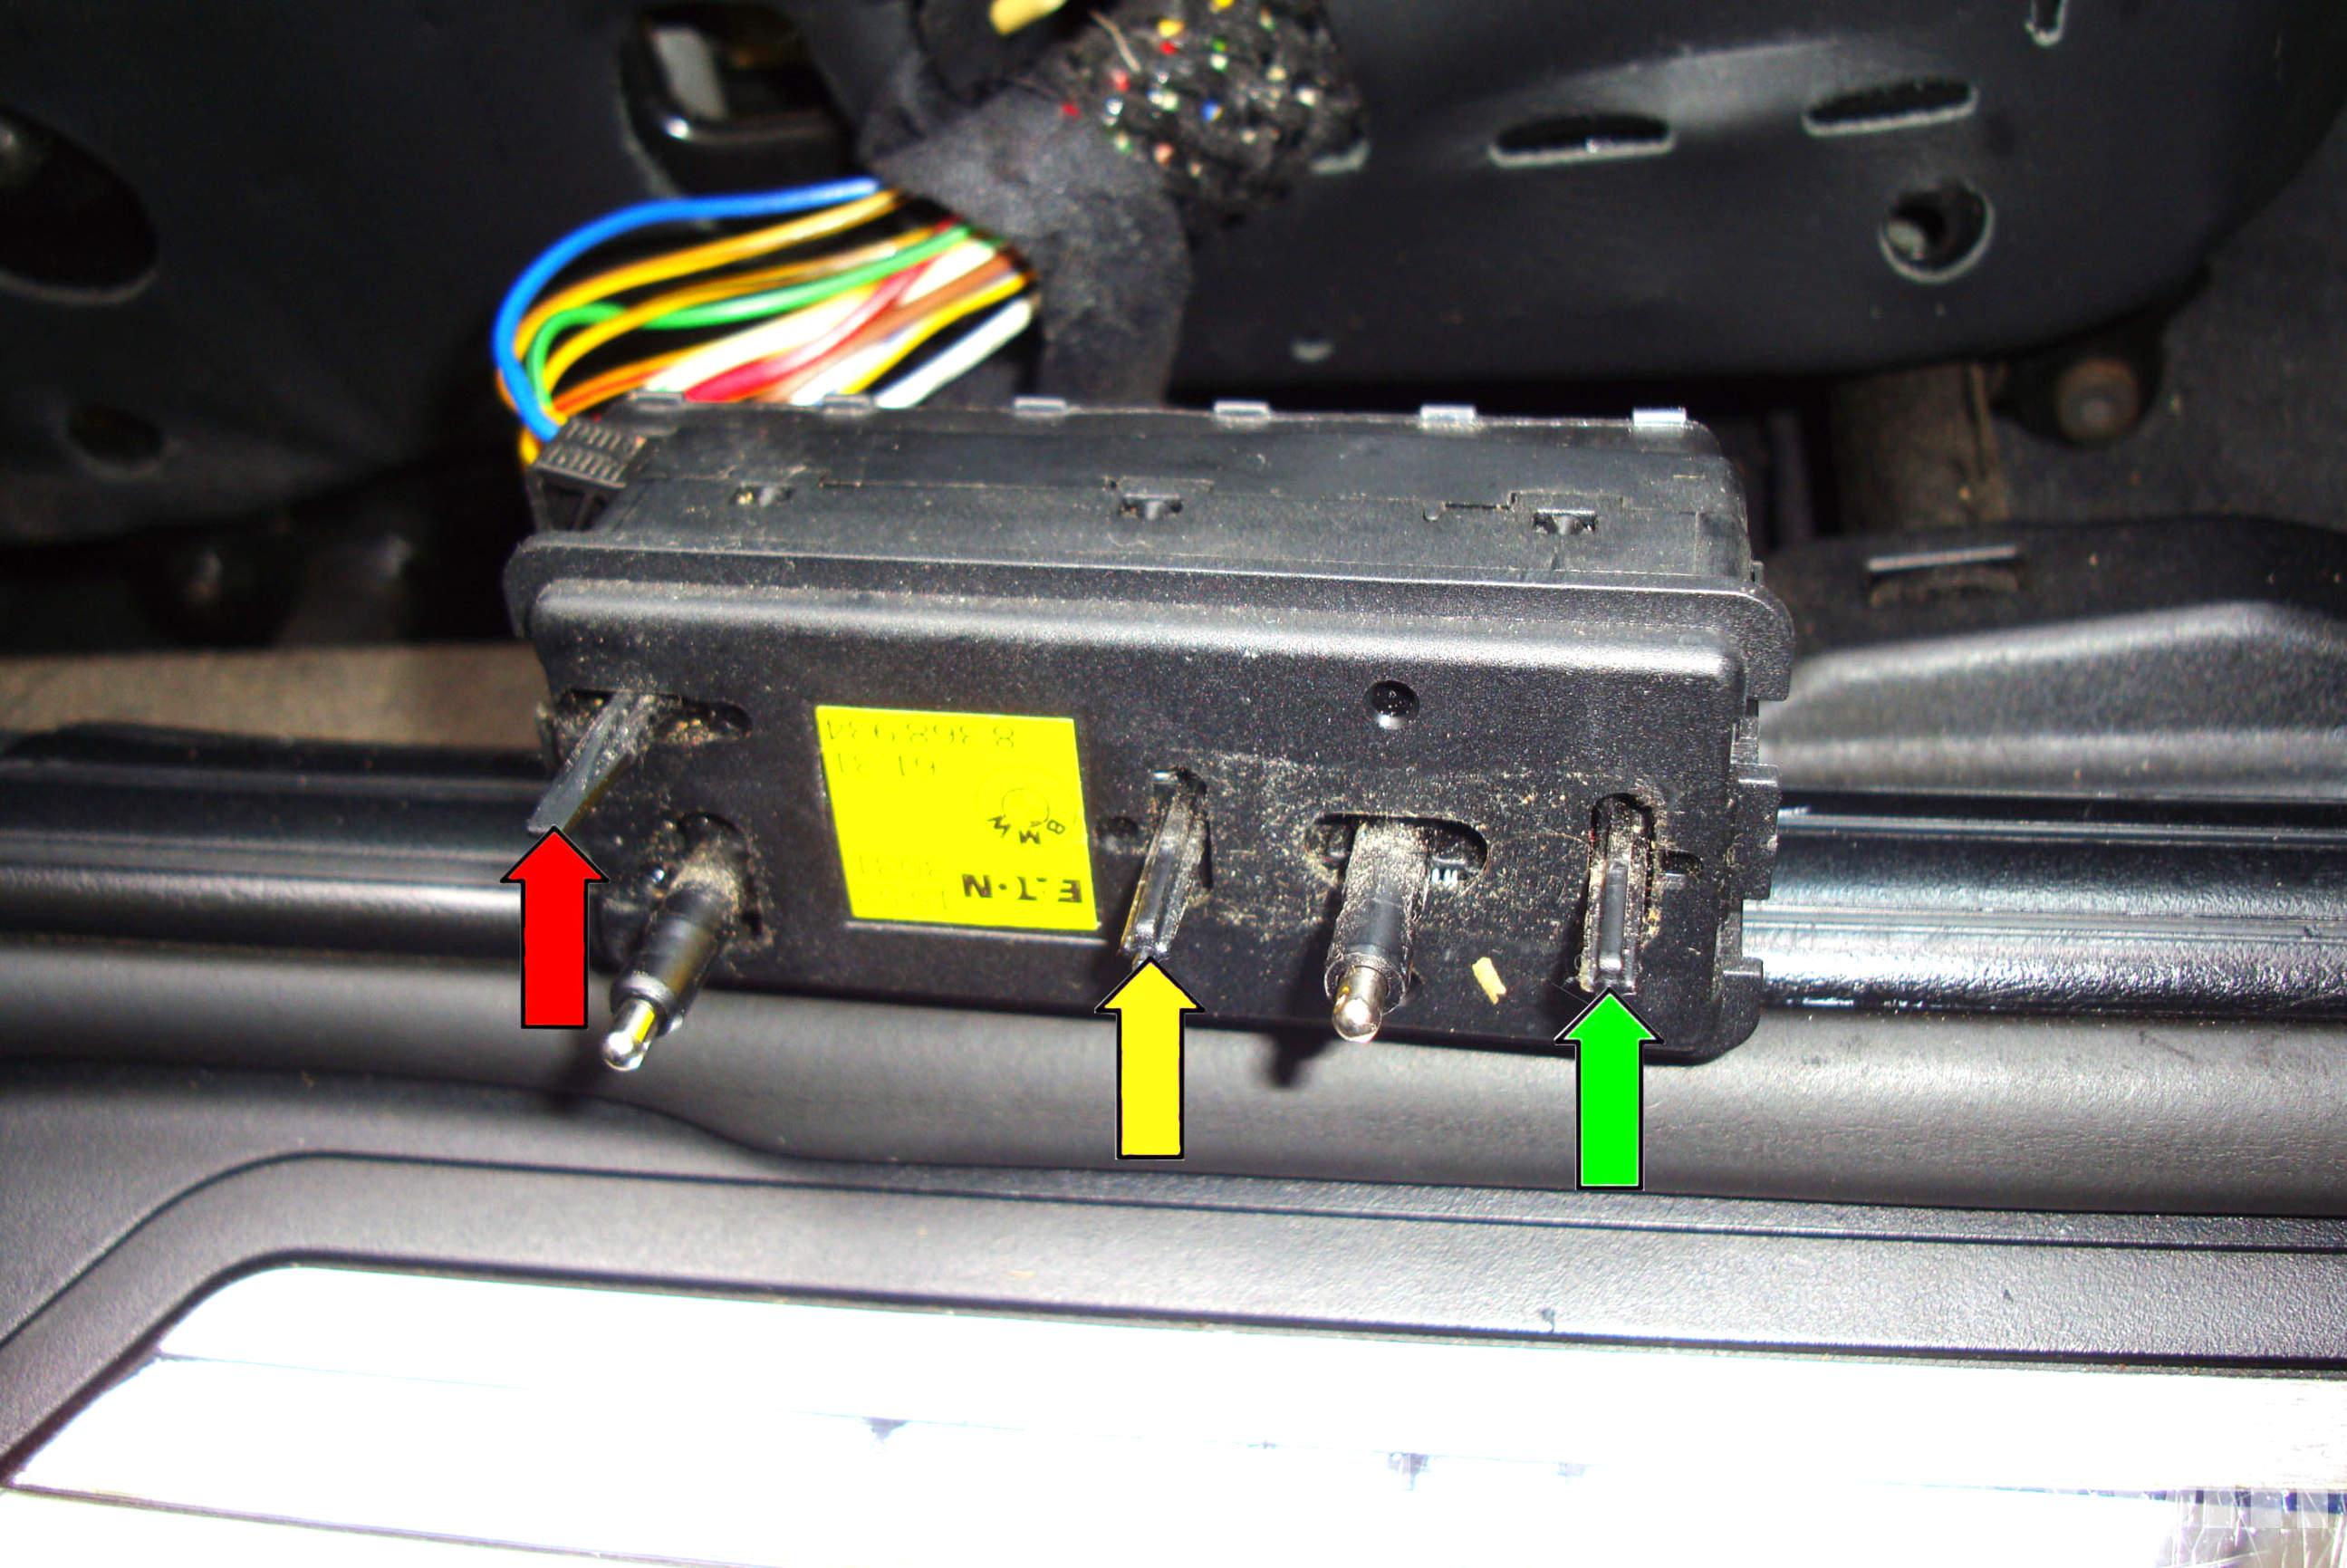 BMW E39 5-Series Power Seat Testing| 1997-2003 525i, 528i, 530i, 540i |  Pelican Parts DIY Maintenance ArticlePelican Parts